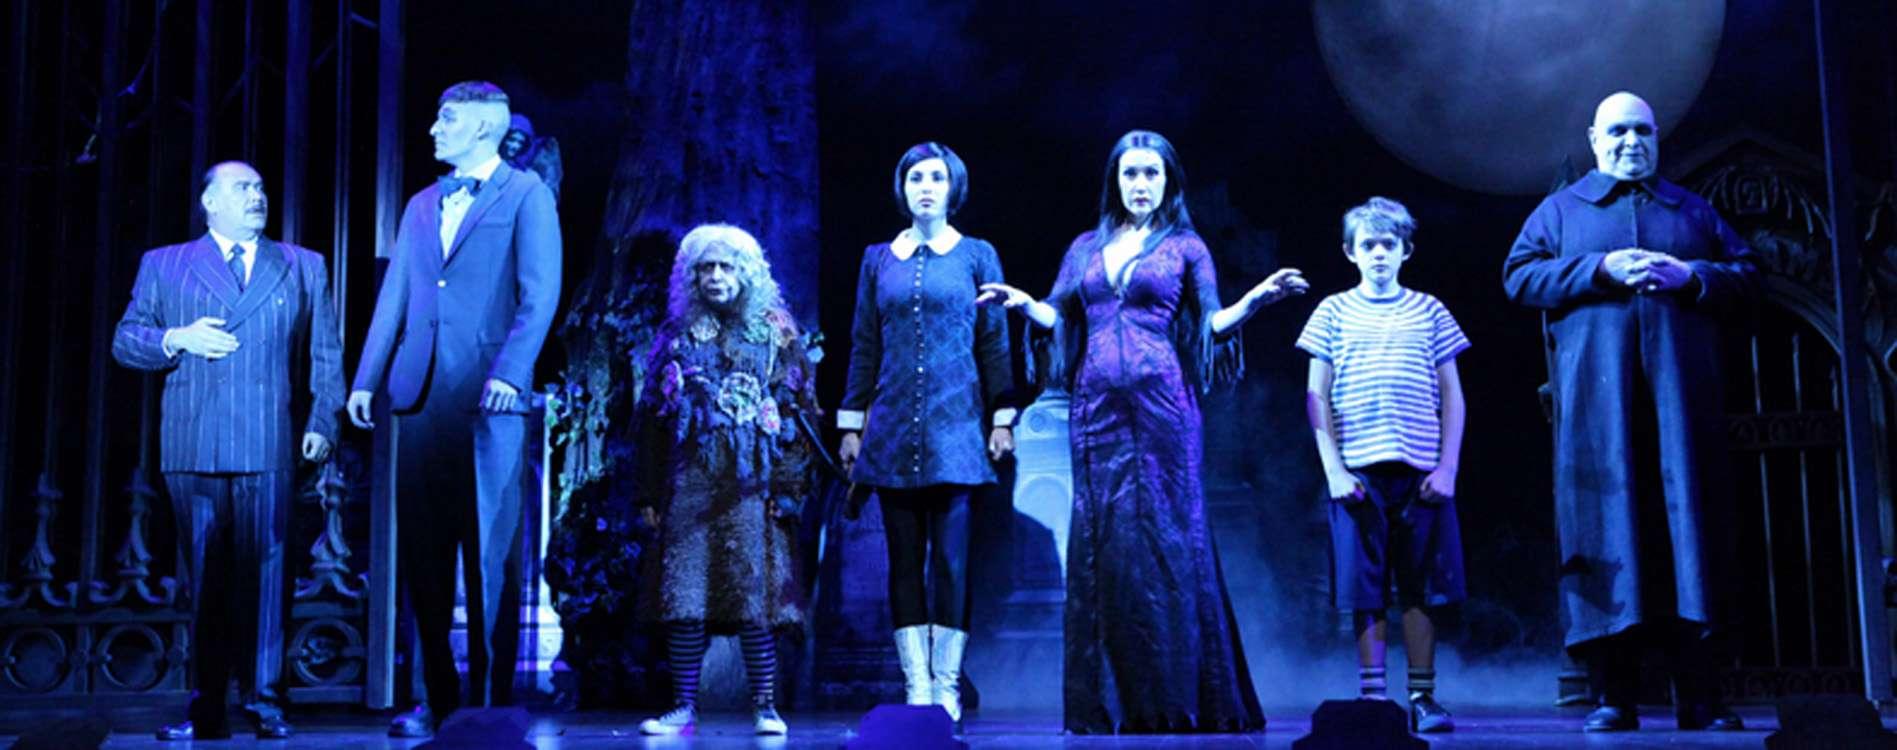 Foto: Sitio Oficial locosaddamsmx.com